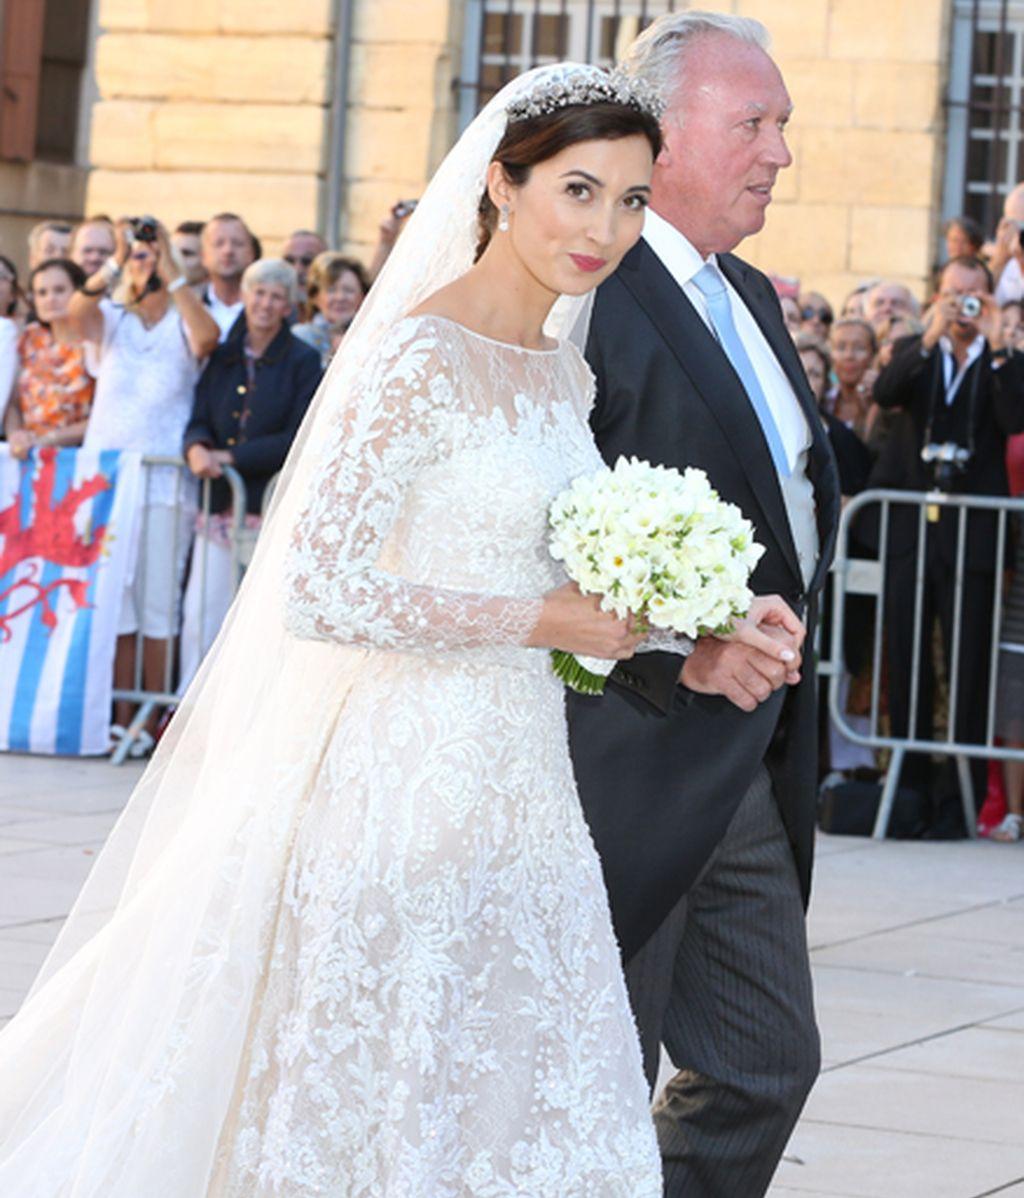 La novia entra a la Iglesia con su padre